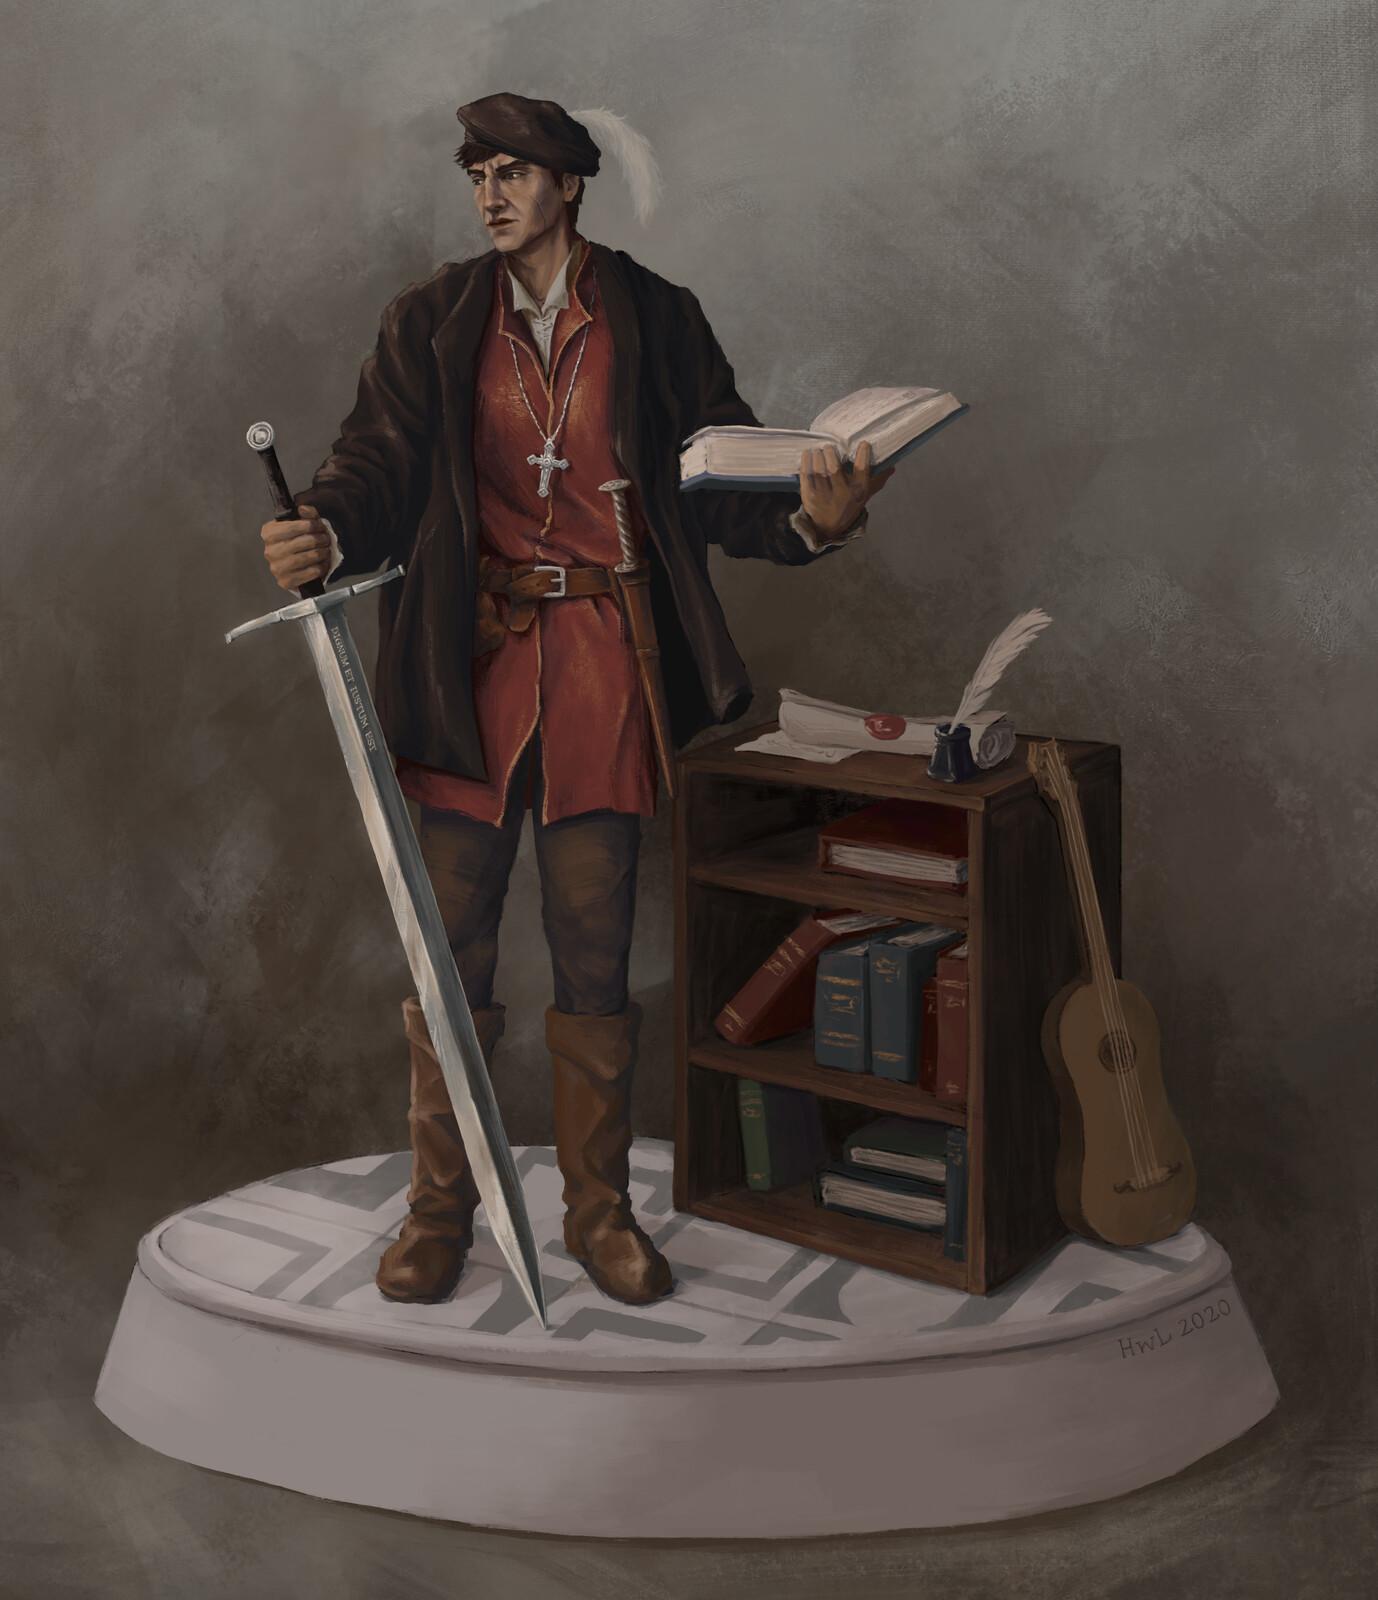 Character Design: Renaissance Man